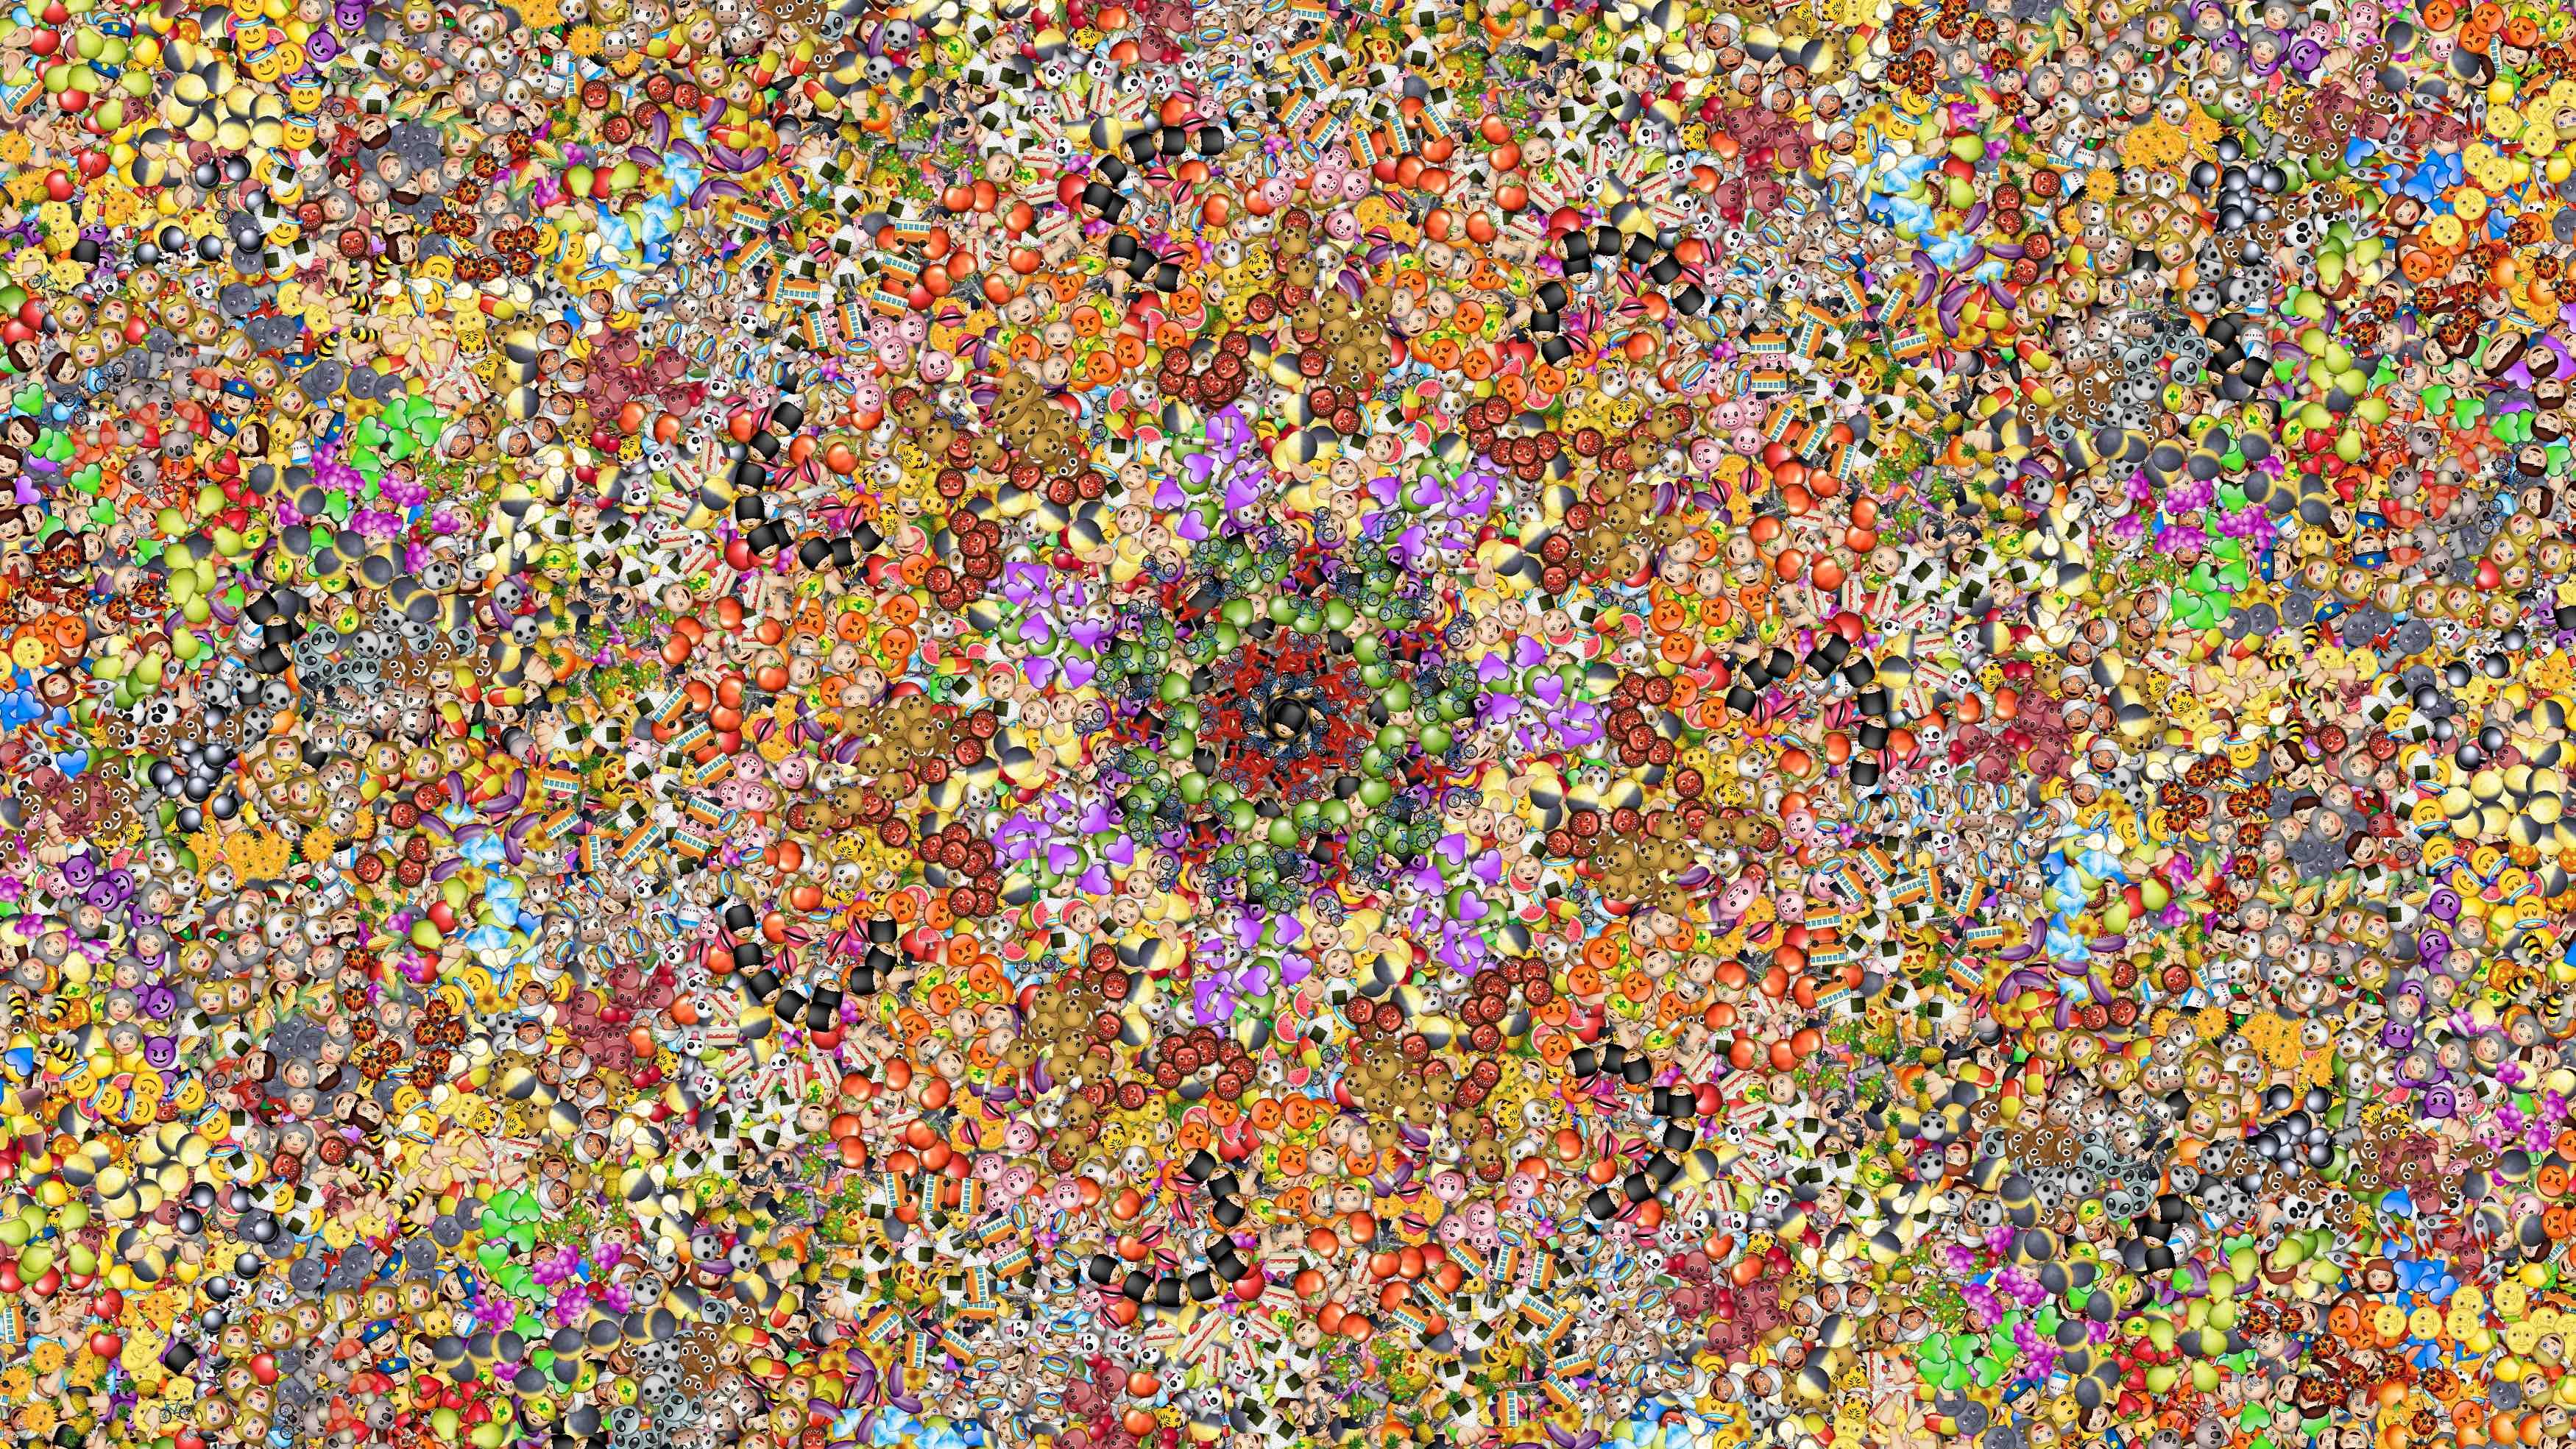 Emoji Wallpaper 3500x1969